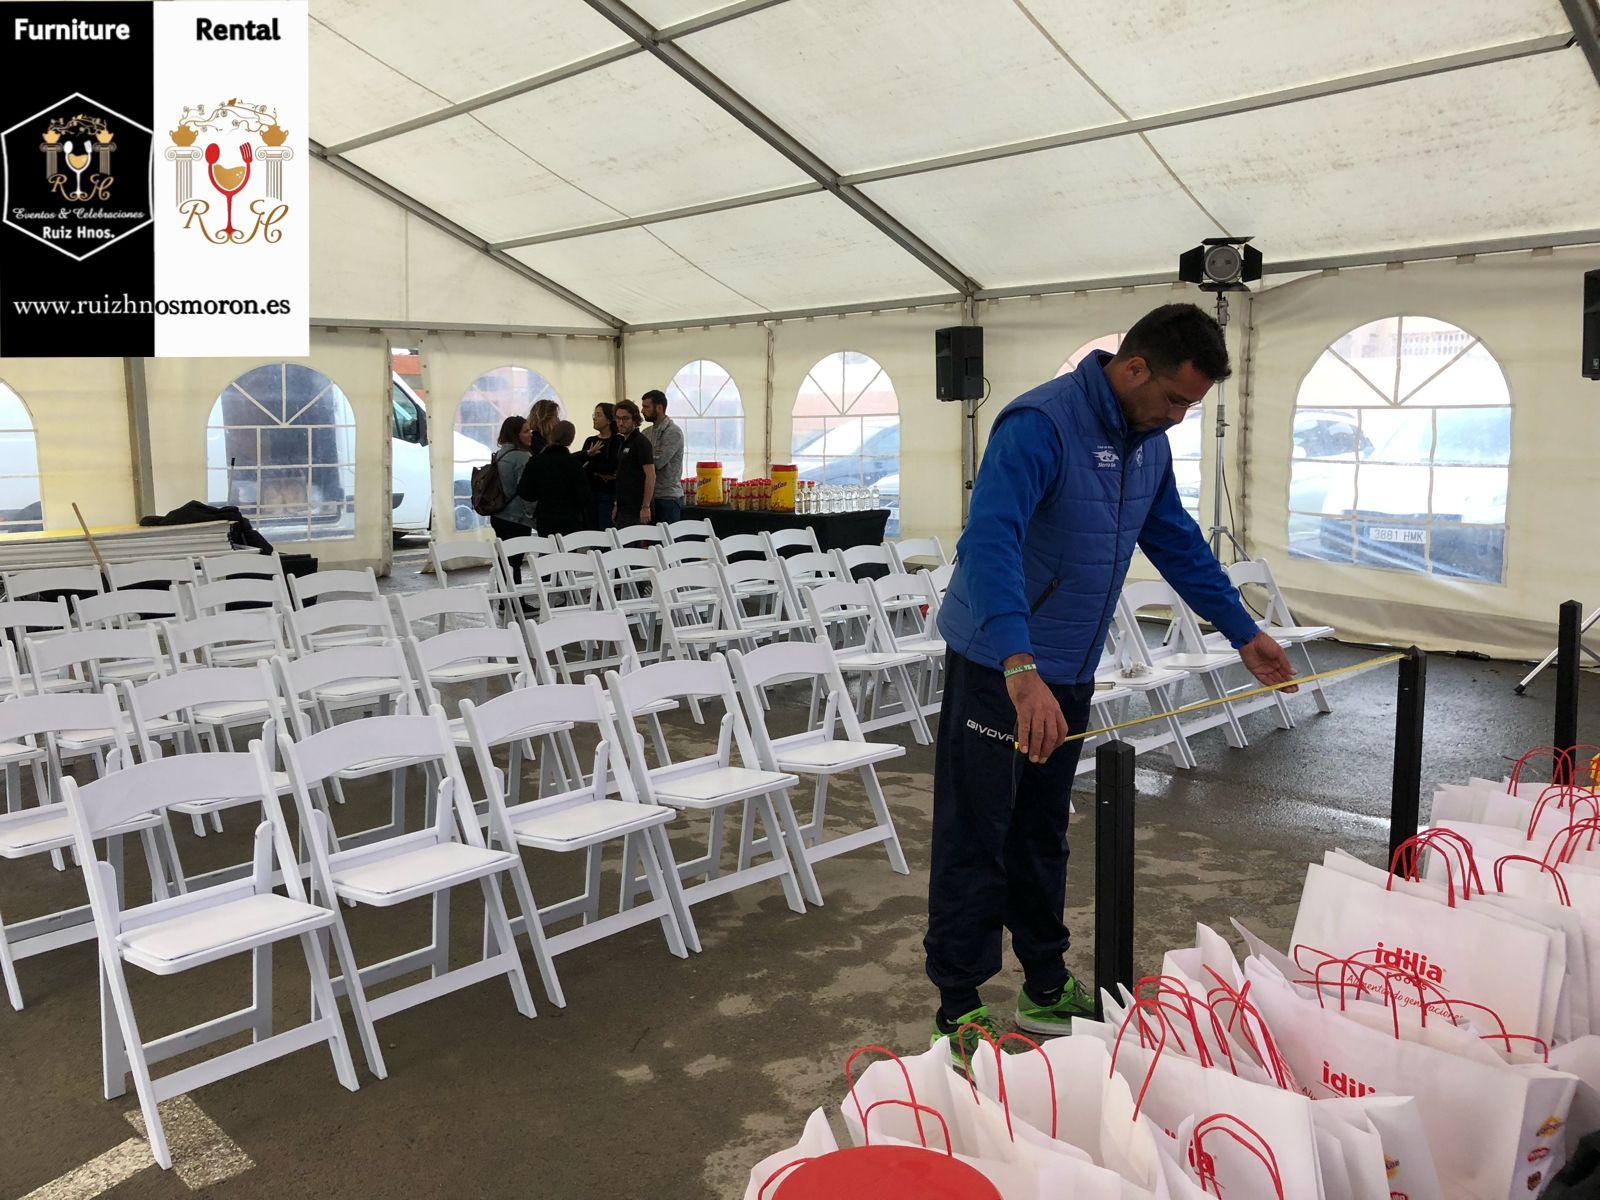 Evento Promovido Porcolacao En Plegables El De Sillas Para Montaje 34L5AqRjc